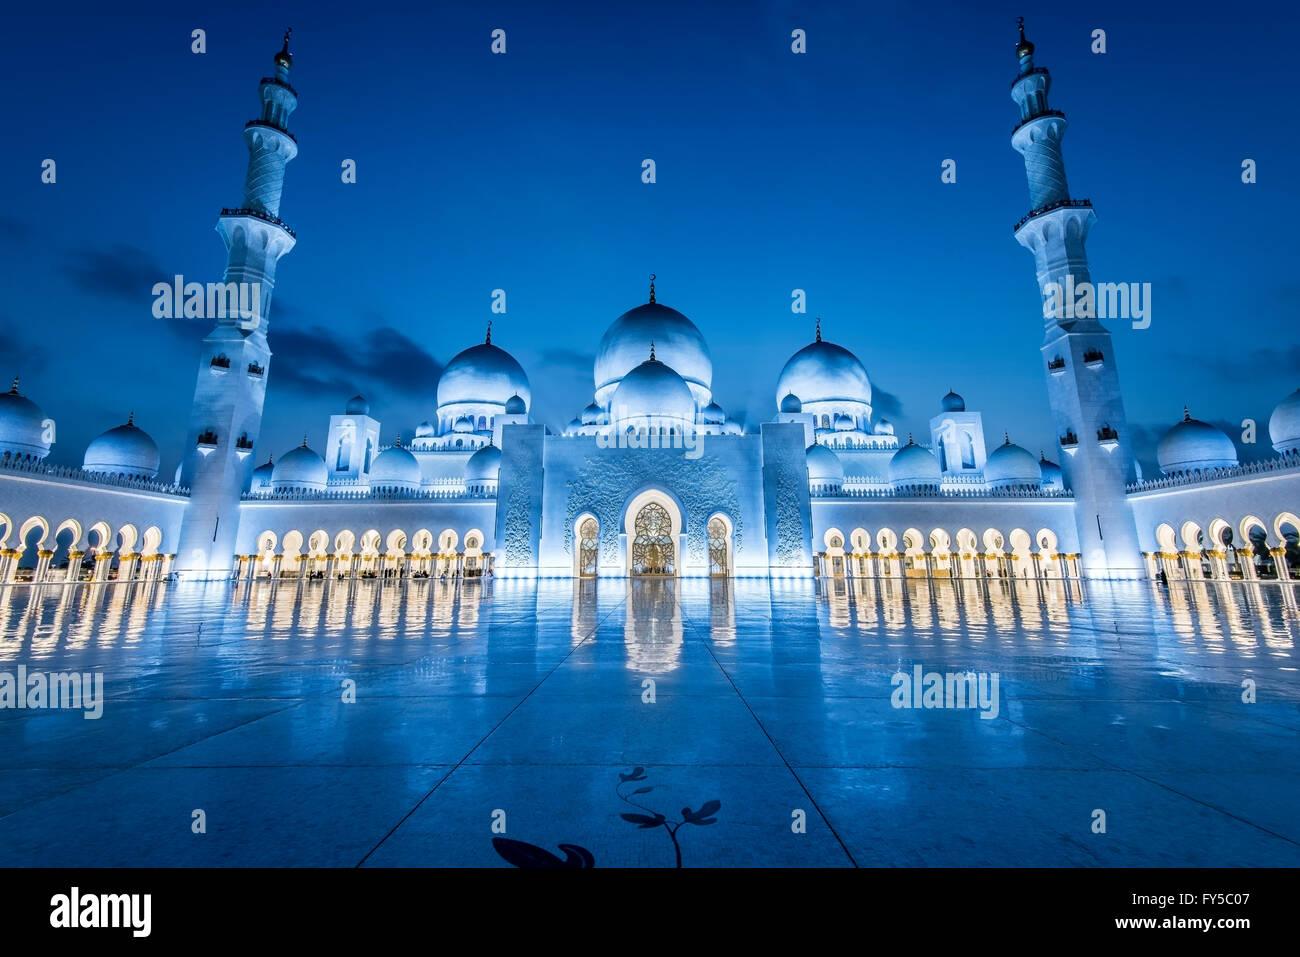 Sheikh Zayed Grand Moschee, Abu Dhabi, die größte Moschee in den Vereinigten Arabischen Emiraten Stockbild